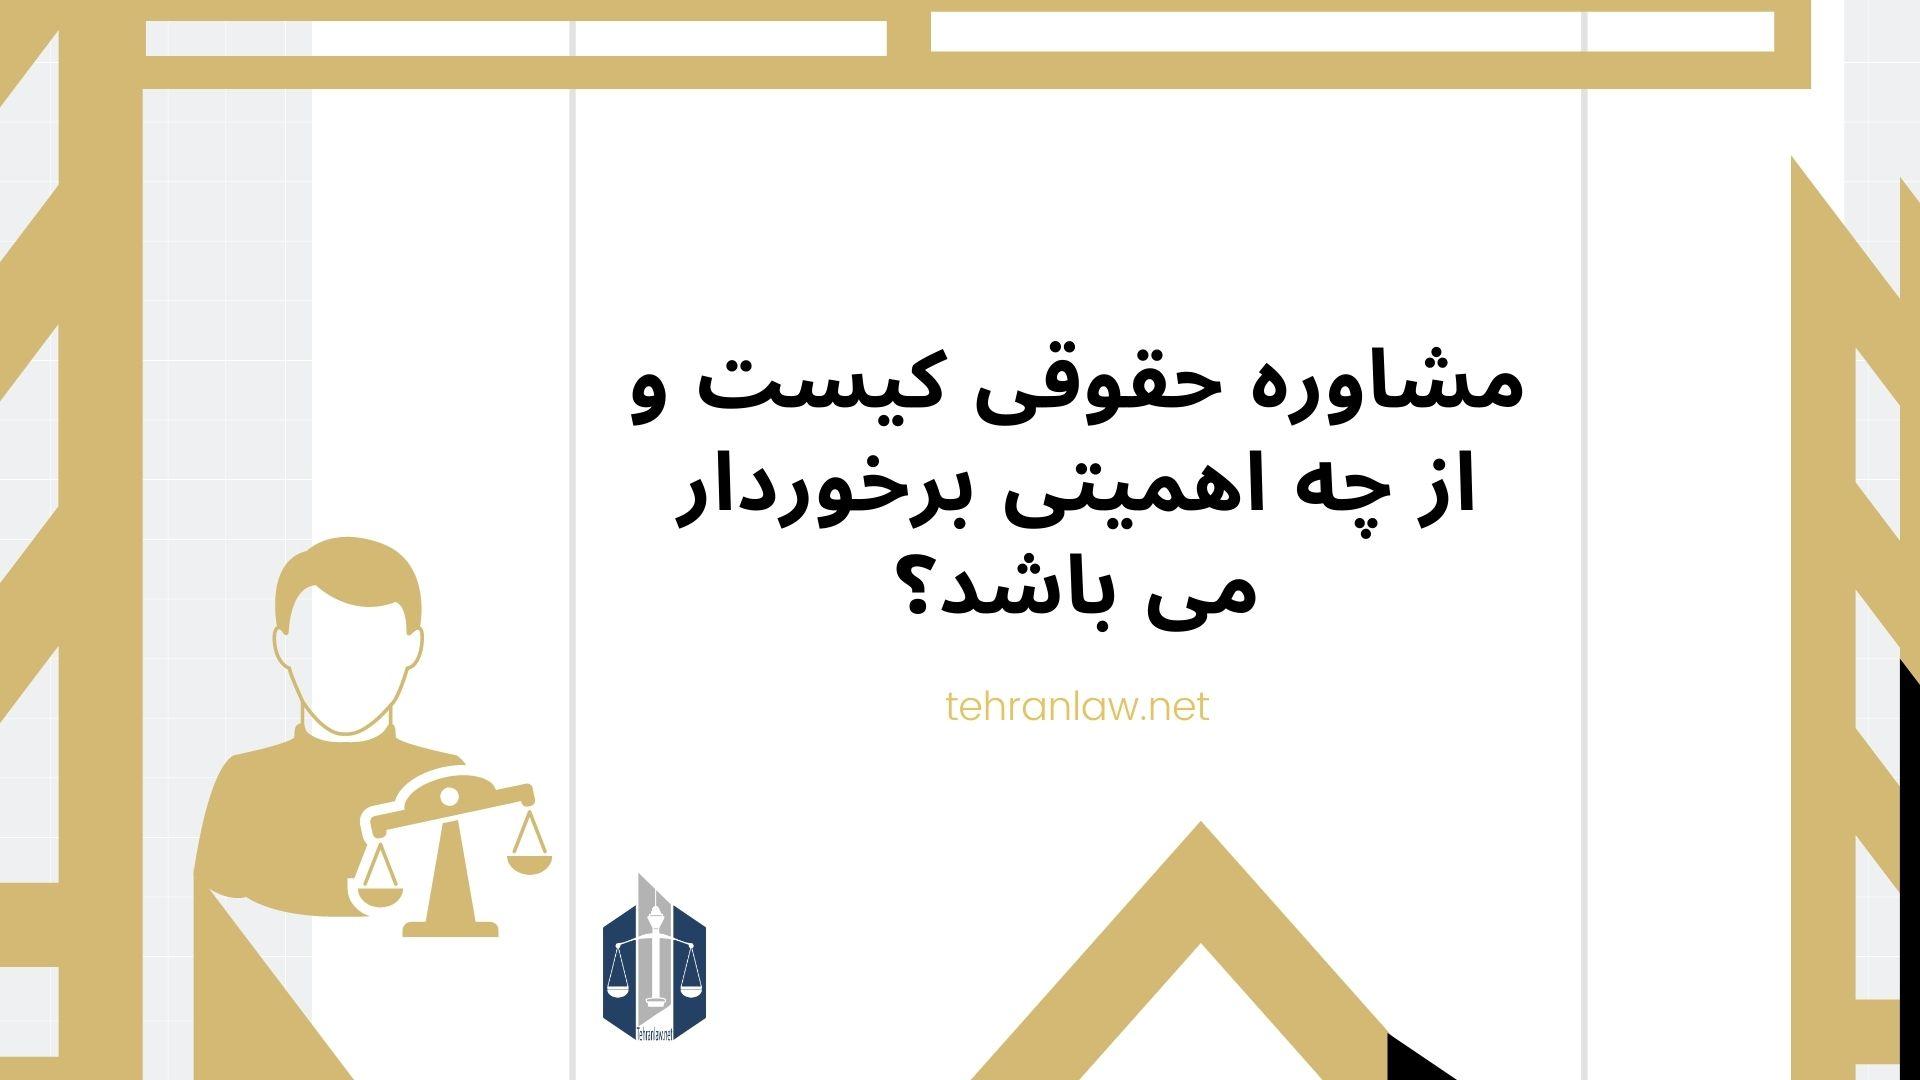 مشاوره حقوقی کیست و از چه اهمیتی برخوردار می باشد؟